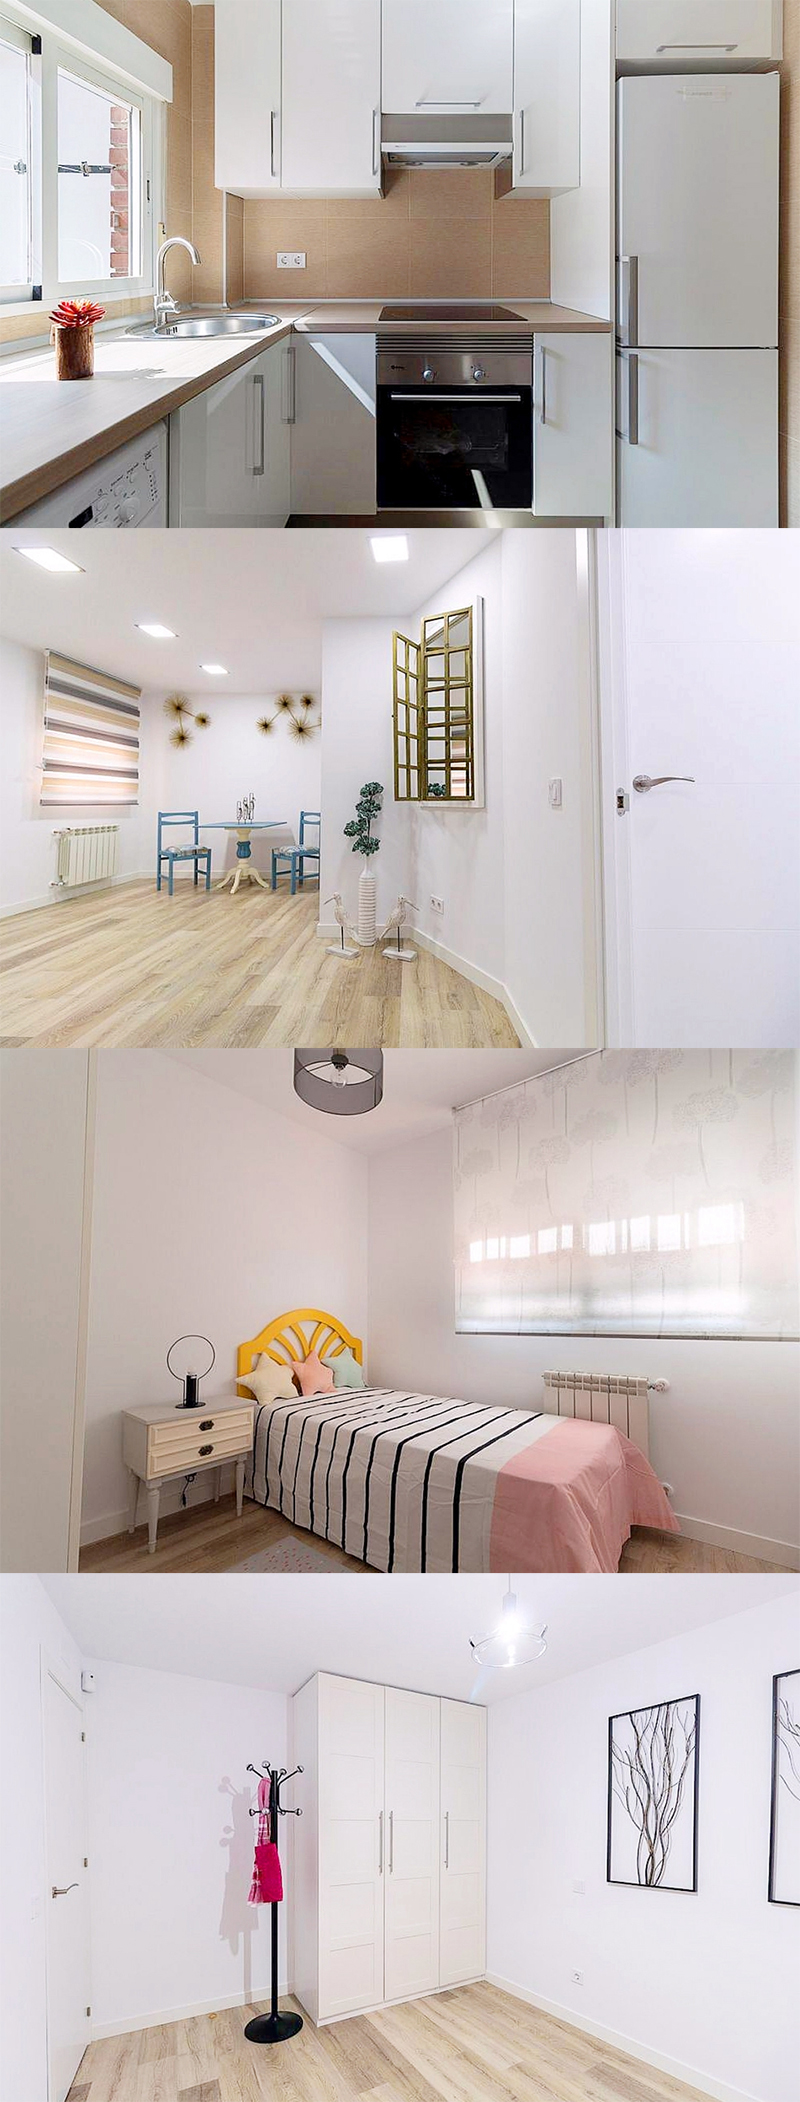 西班牙 | 马德里精品公寓-03